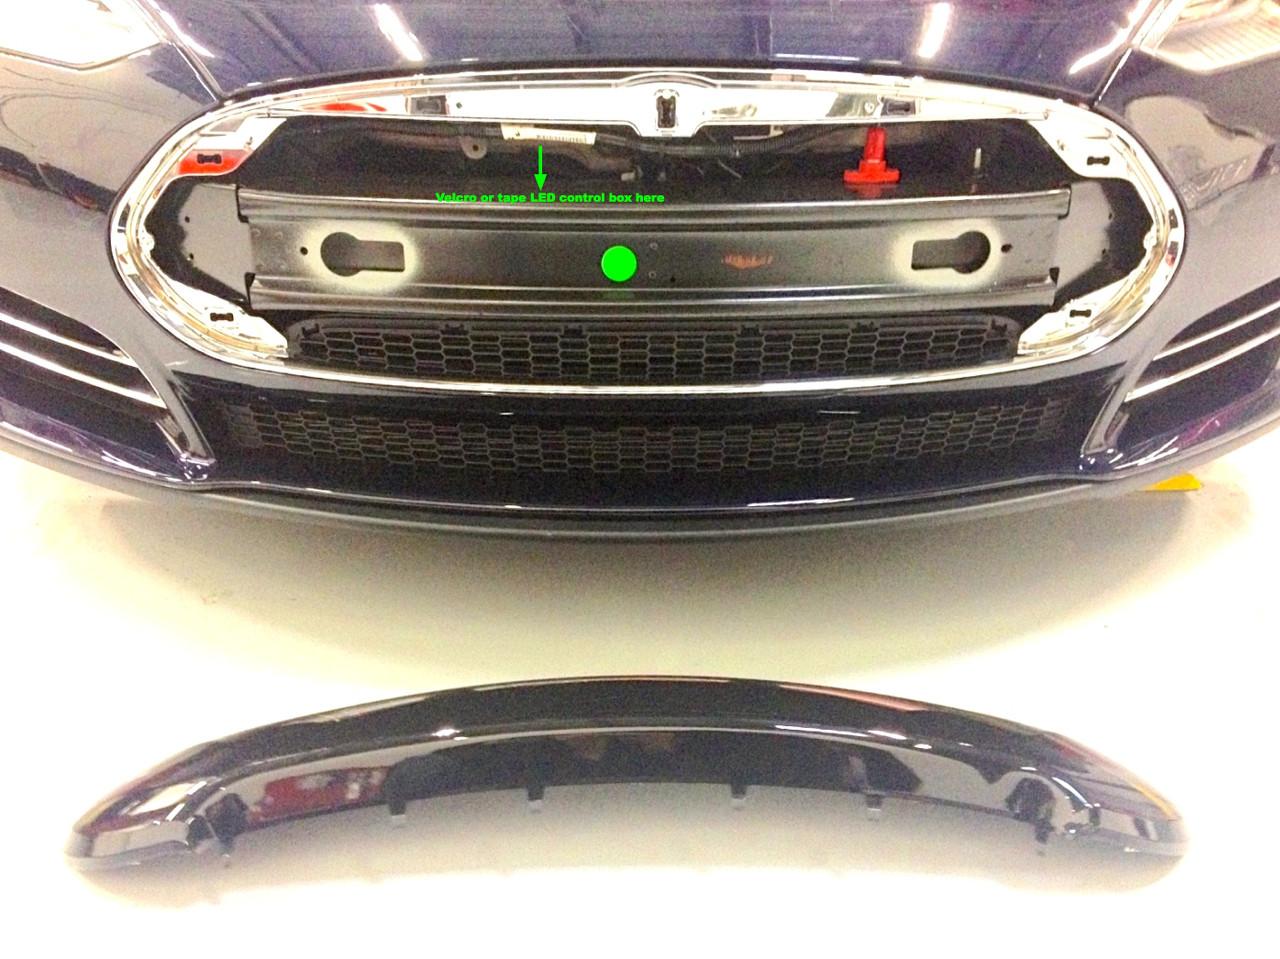 Tesla Model S Lighted T Oznium Mount tesla model s lighted t installation instructions tesla model s fuse box at gsmx.co